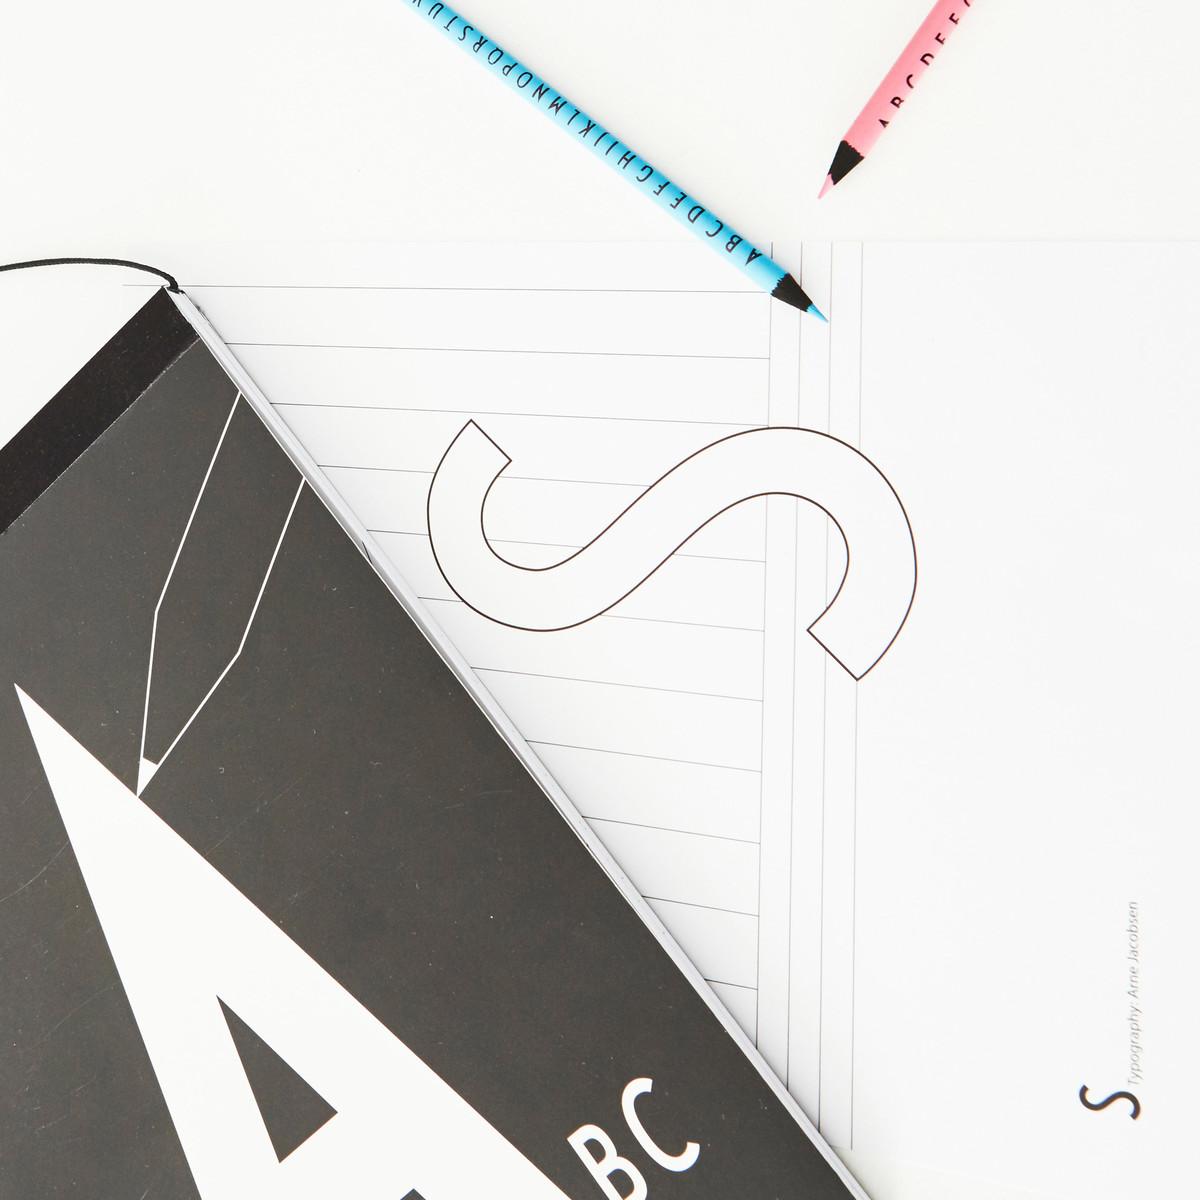 ABC Malbuch von Design Letters im Shop kaufen